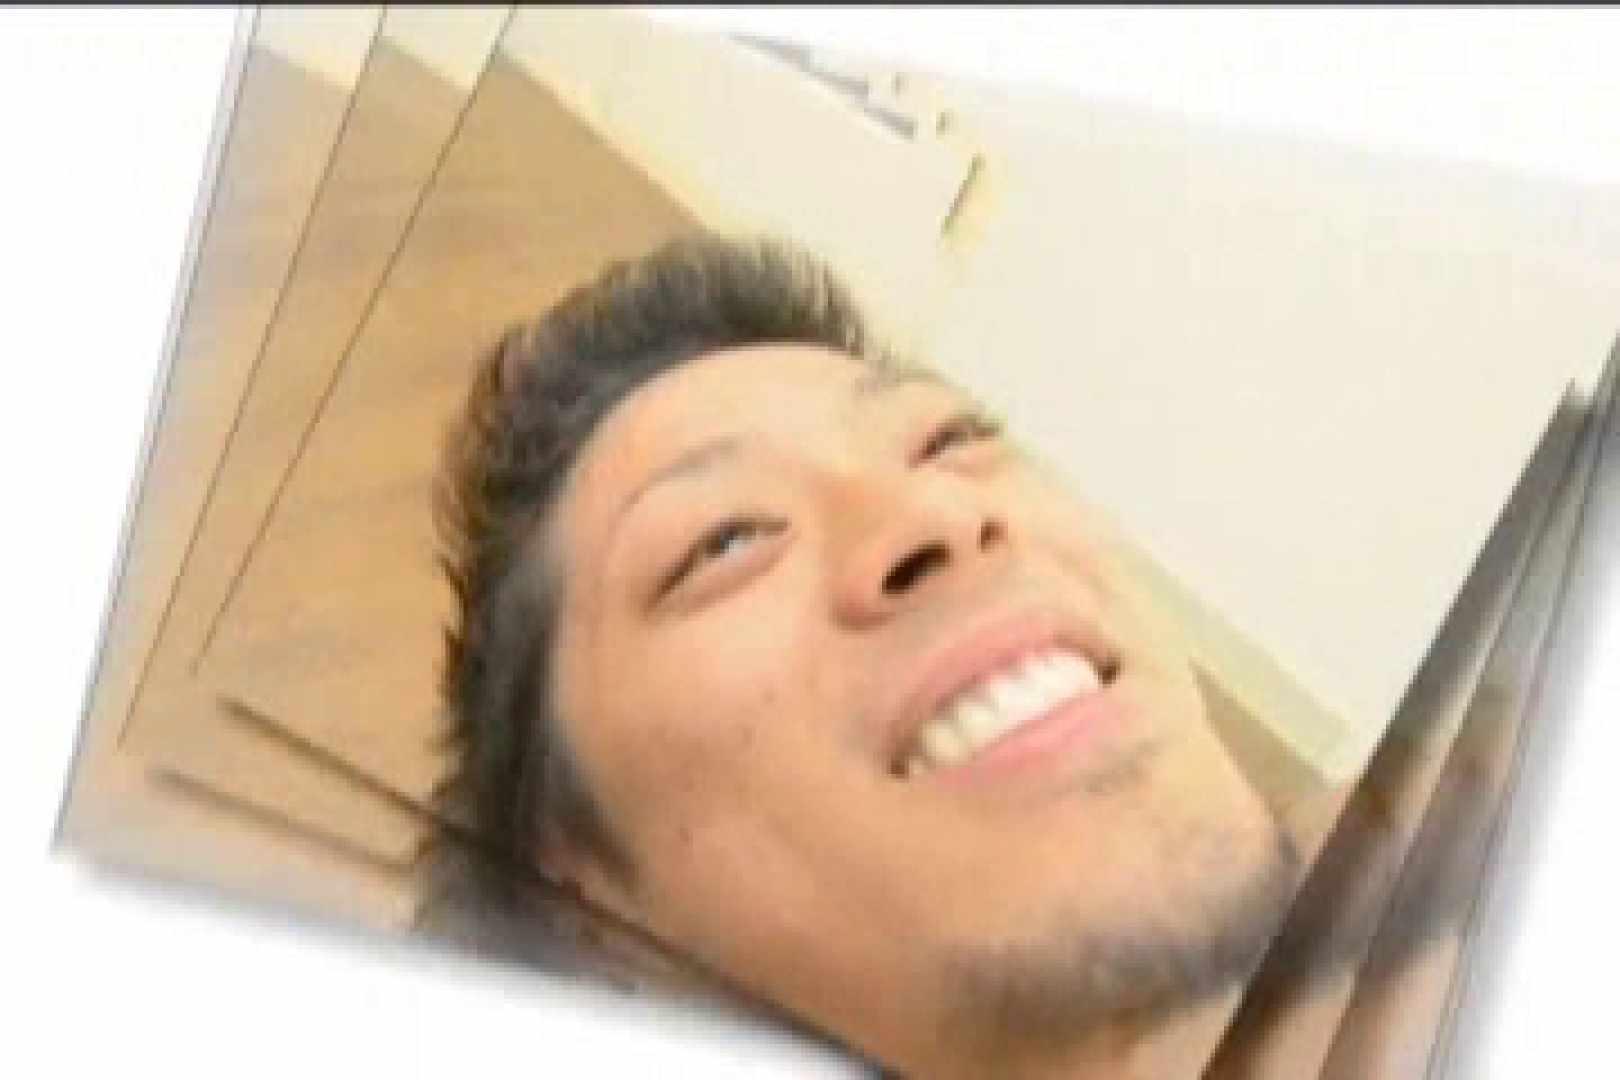 イケメン☆パラダイス〜男ざかりの君たちへ〜vol.3 アナル挿入 ゲイ無修正ビデオ画像 93pic 55